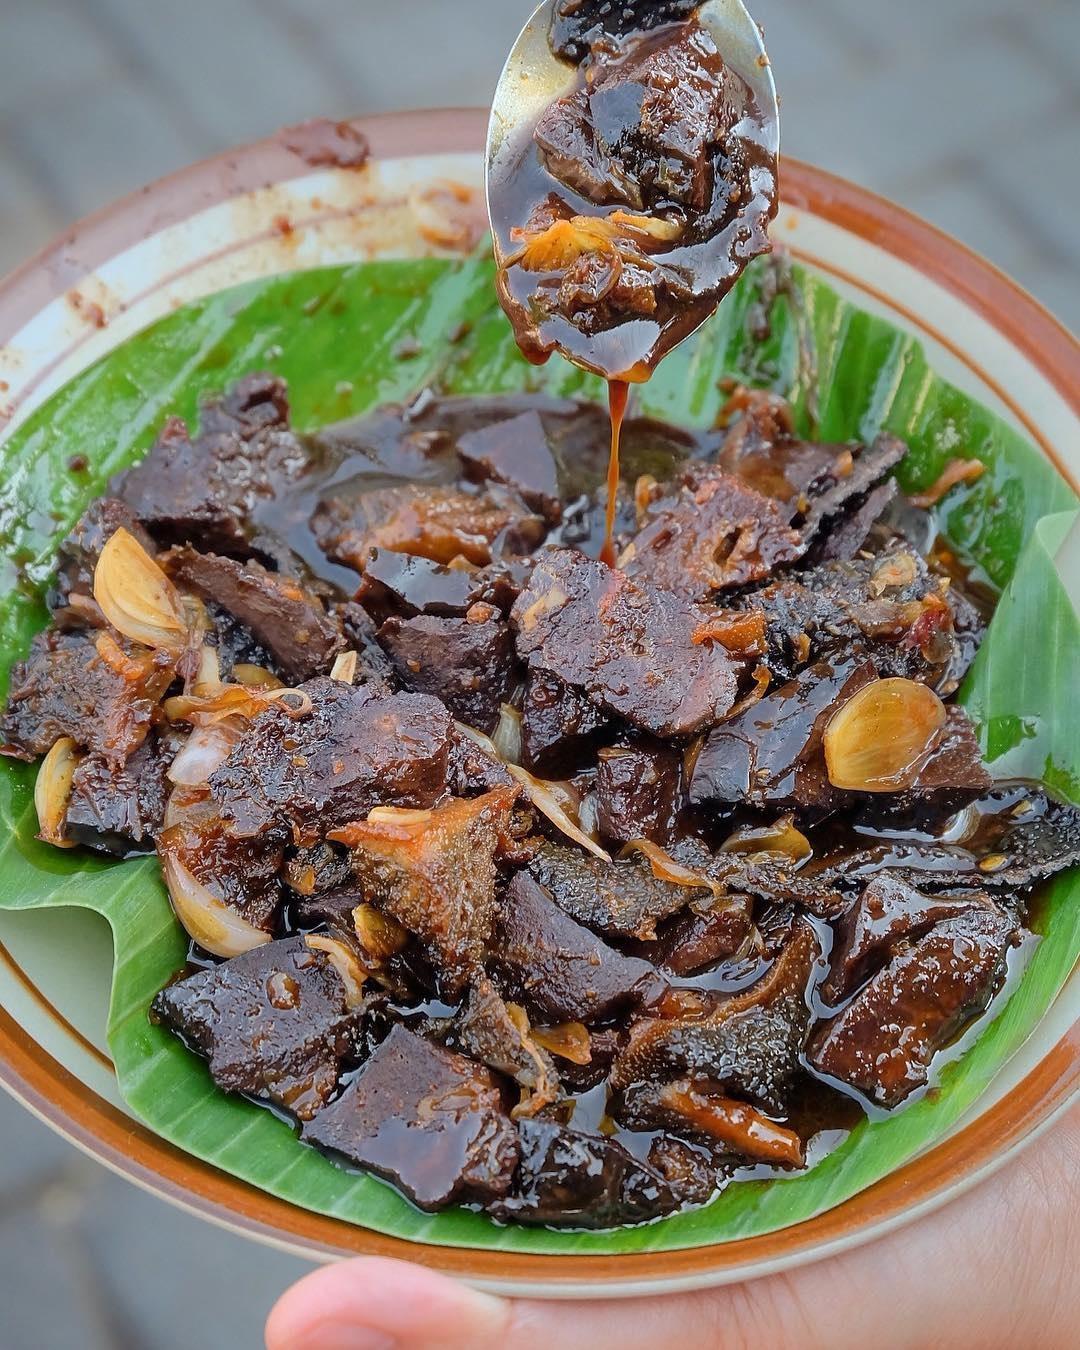 Wisata Kuliner Babat Gongso Pak Karmin Semarang